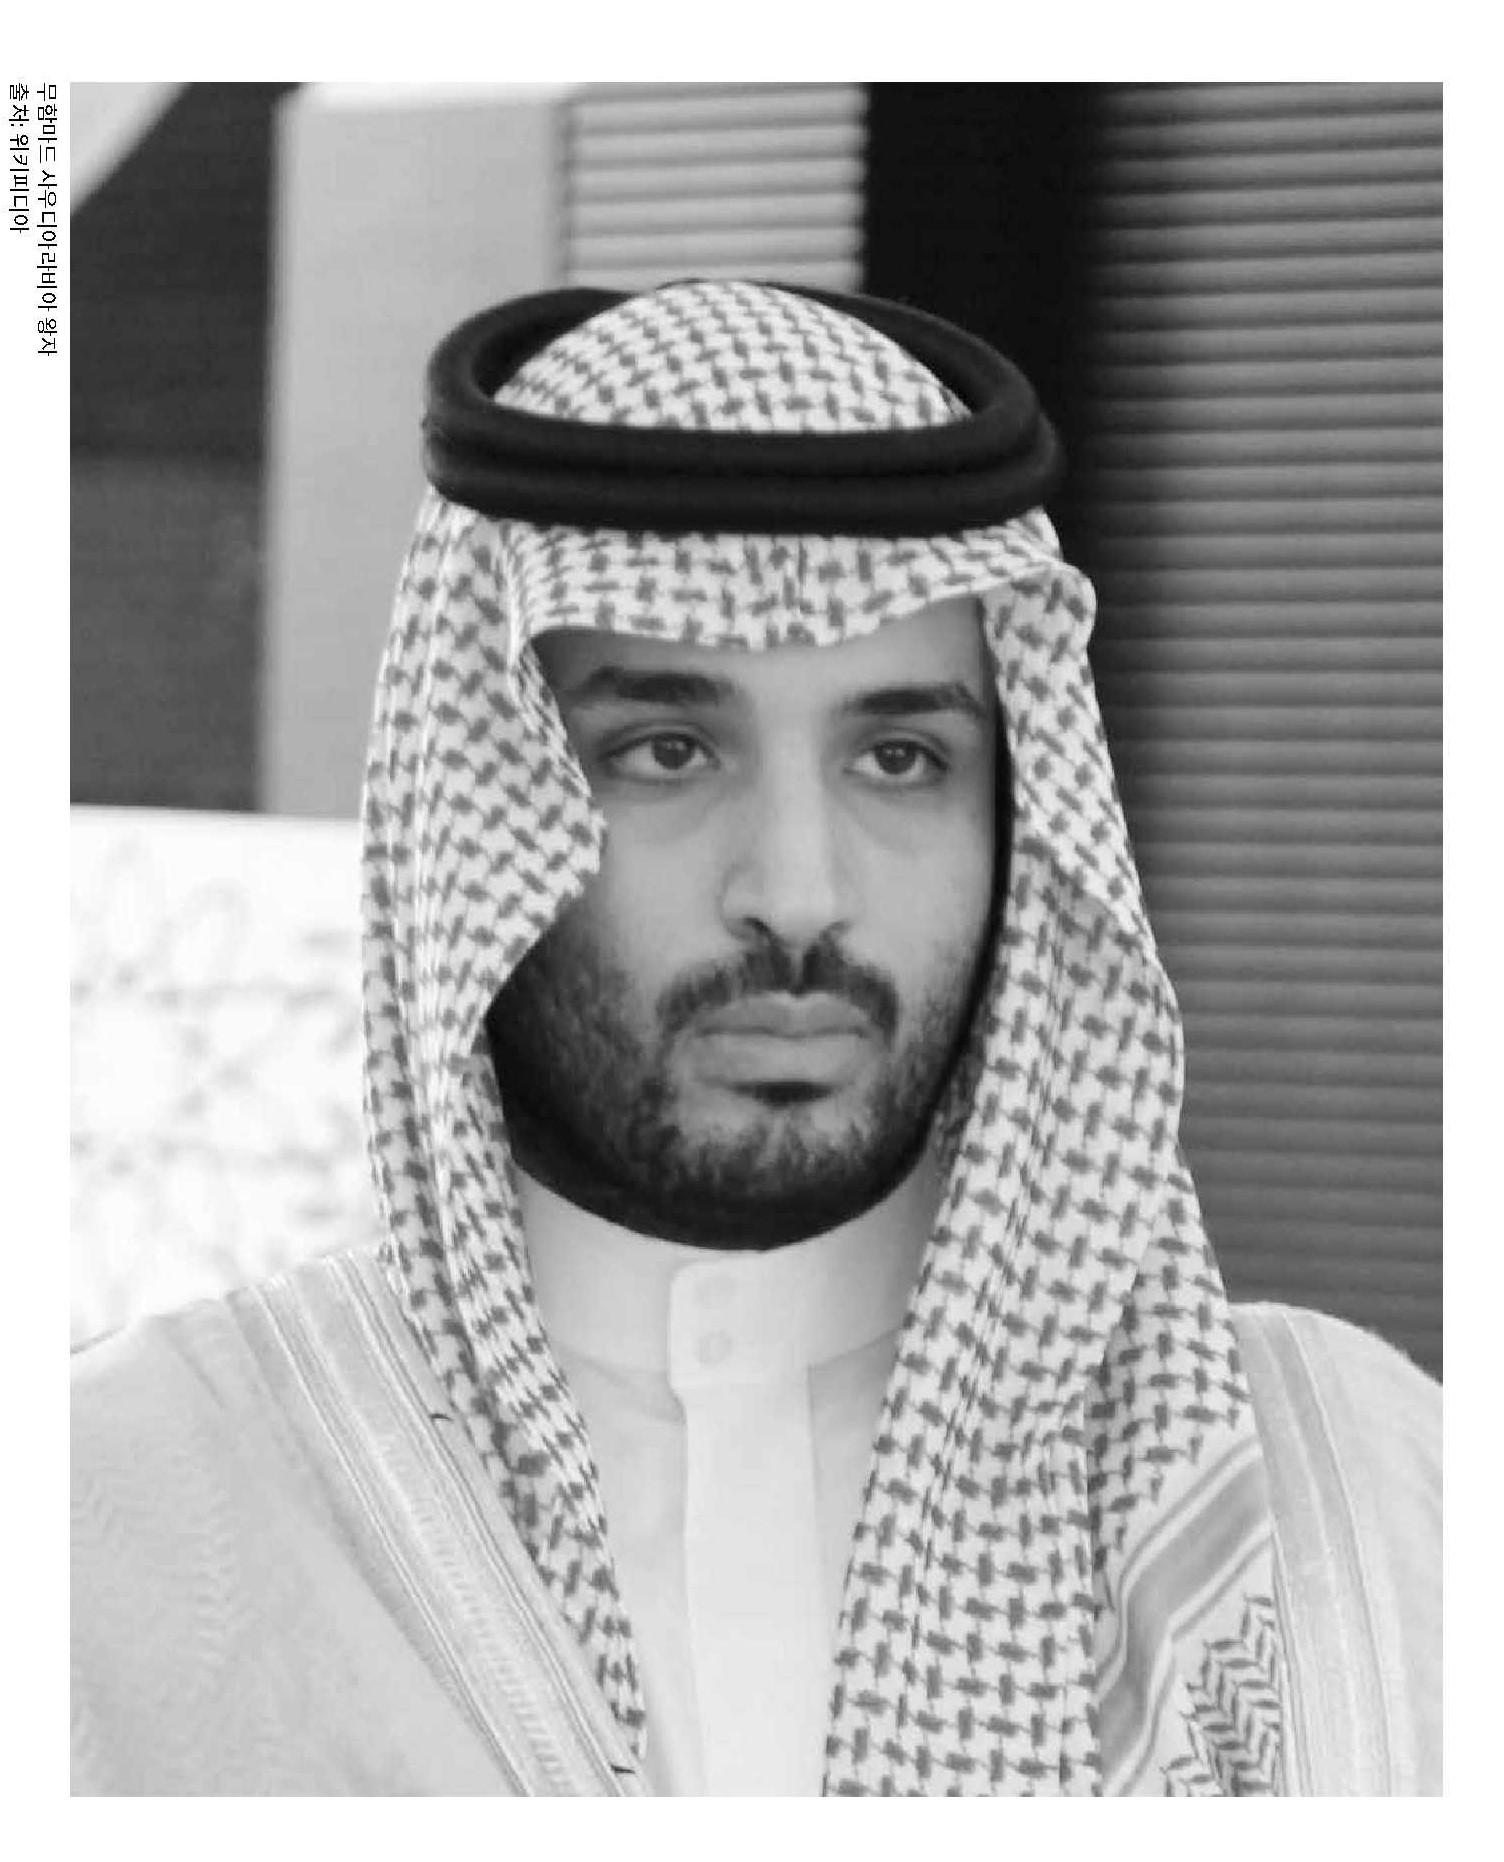 사우디아라비아의 '왕좌의 게임'